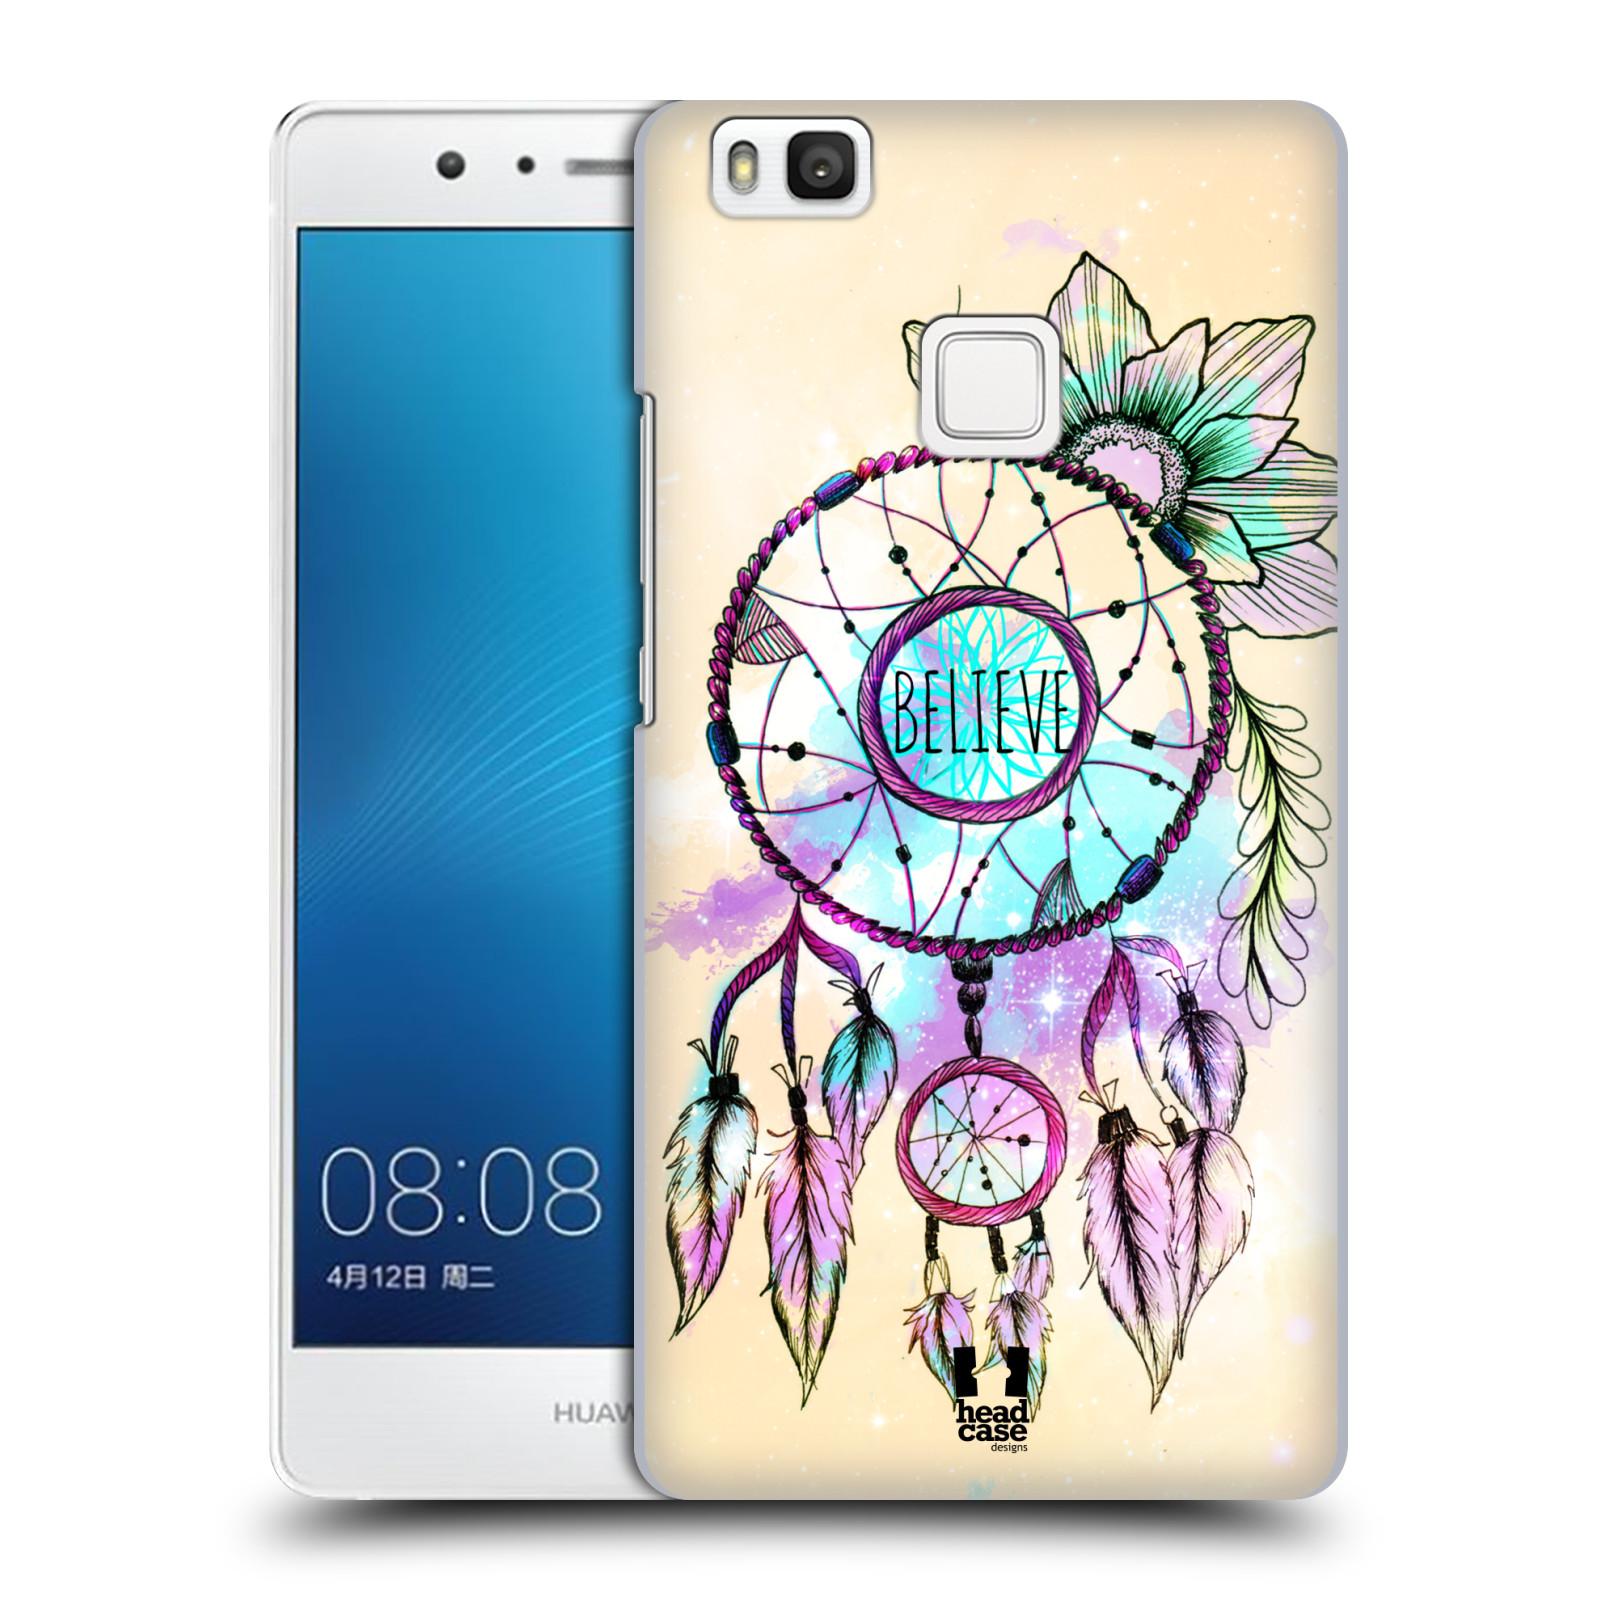 Plastové pouzdro na mobil Huawei P9 Lite HEAD CASE MIX BELIEVE